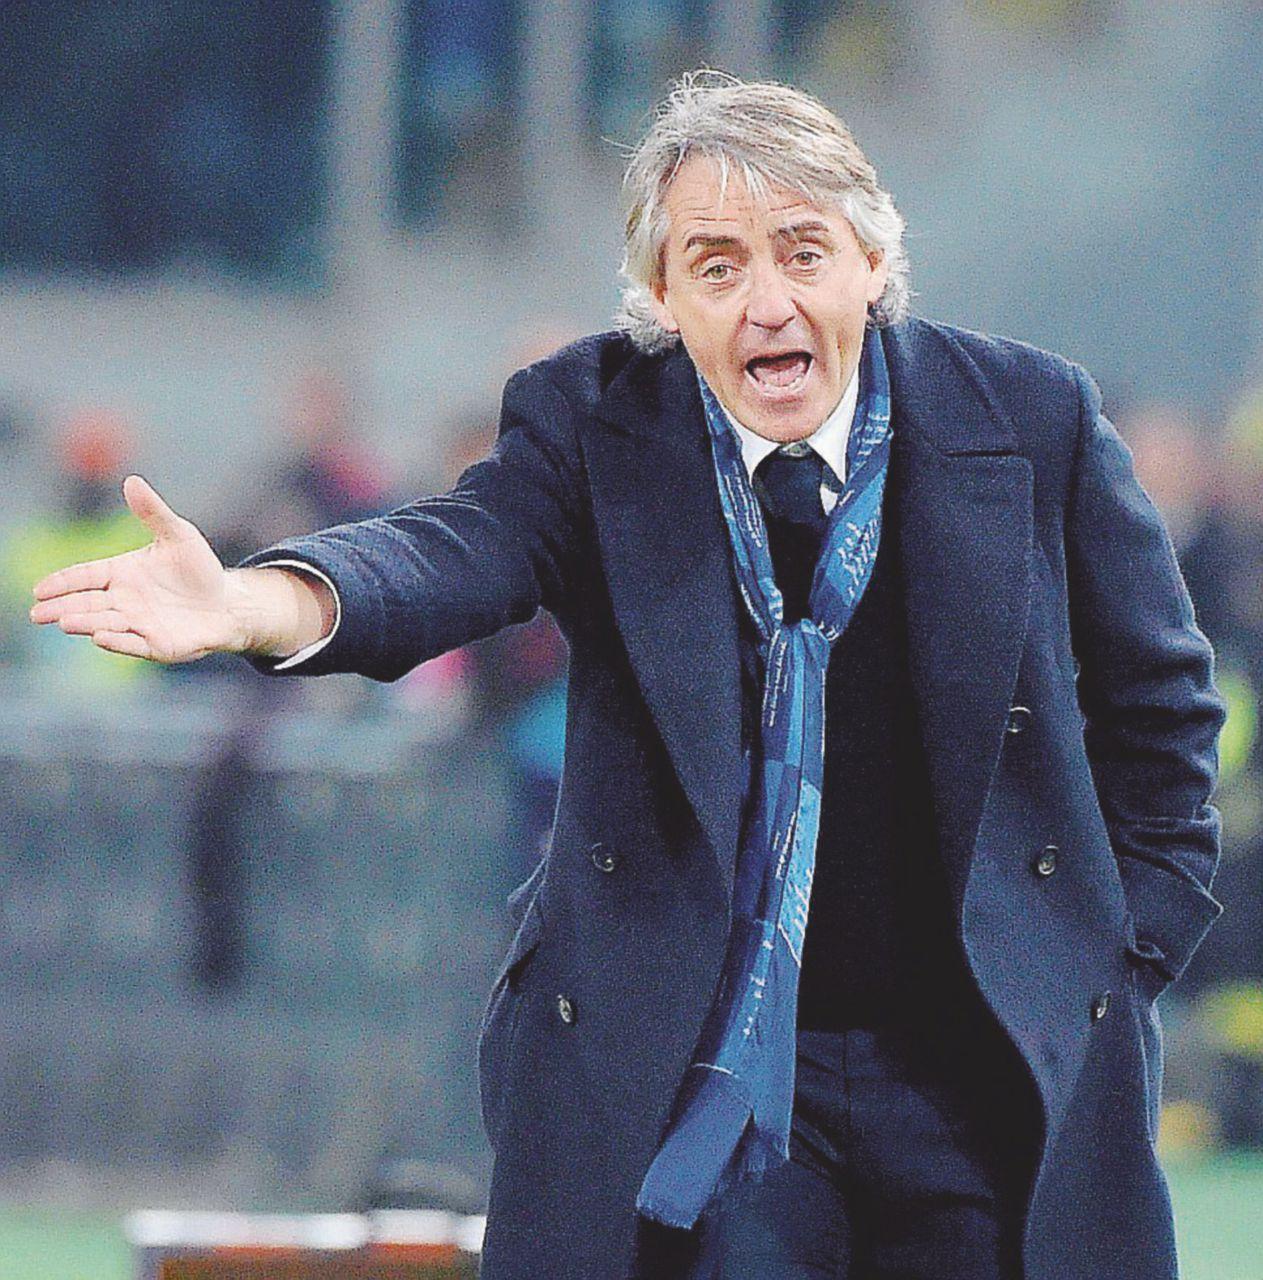 Nazionale, arriva Mancini. Ancelotti un sogno mai voluto